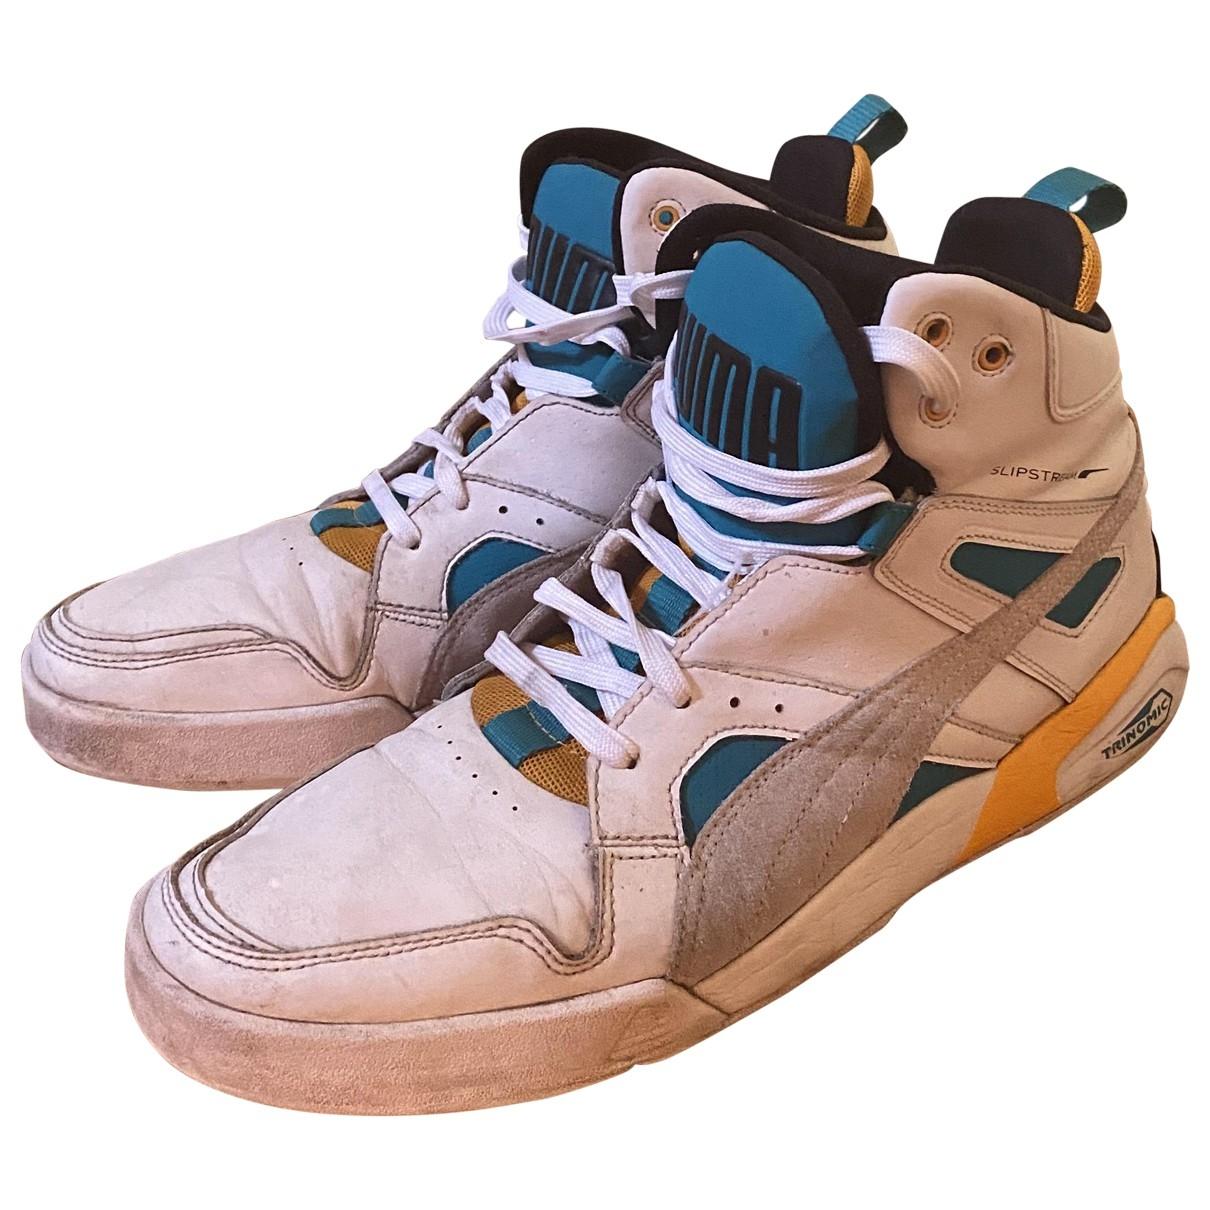 Puma - Baskets   pour homme en caoutchouc - blanc